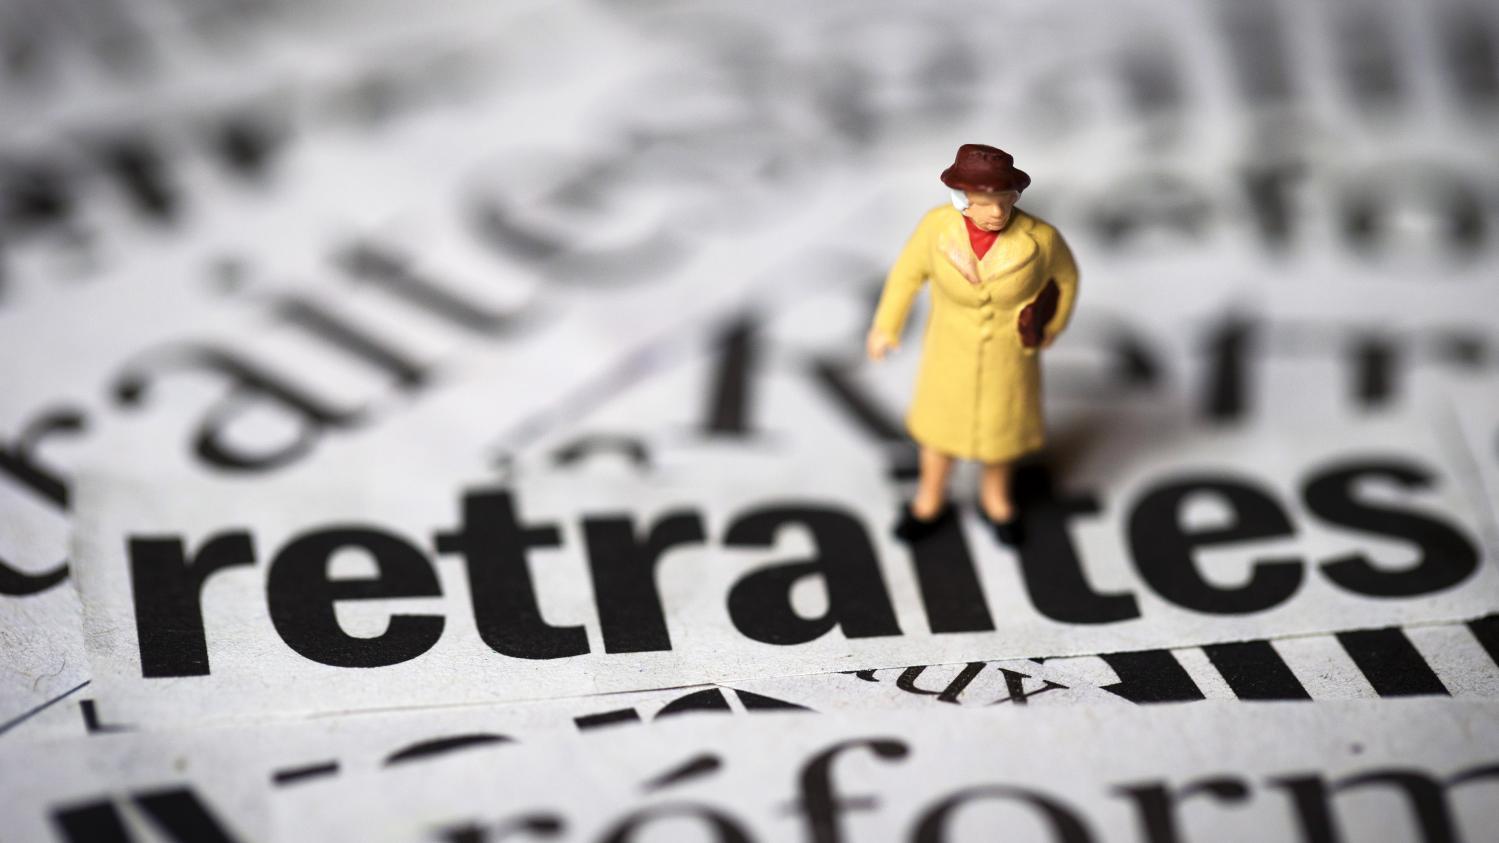 La réforme desretraites favorise-t-elle l'émergence des fonds de pension ?